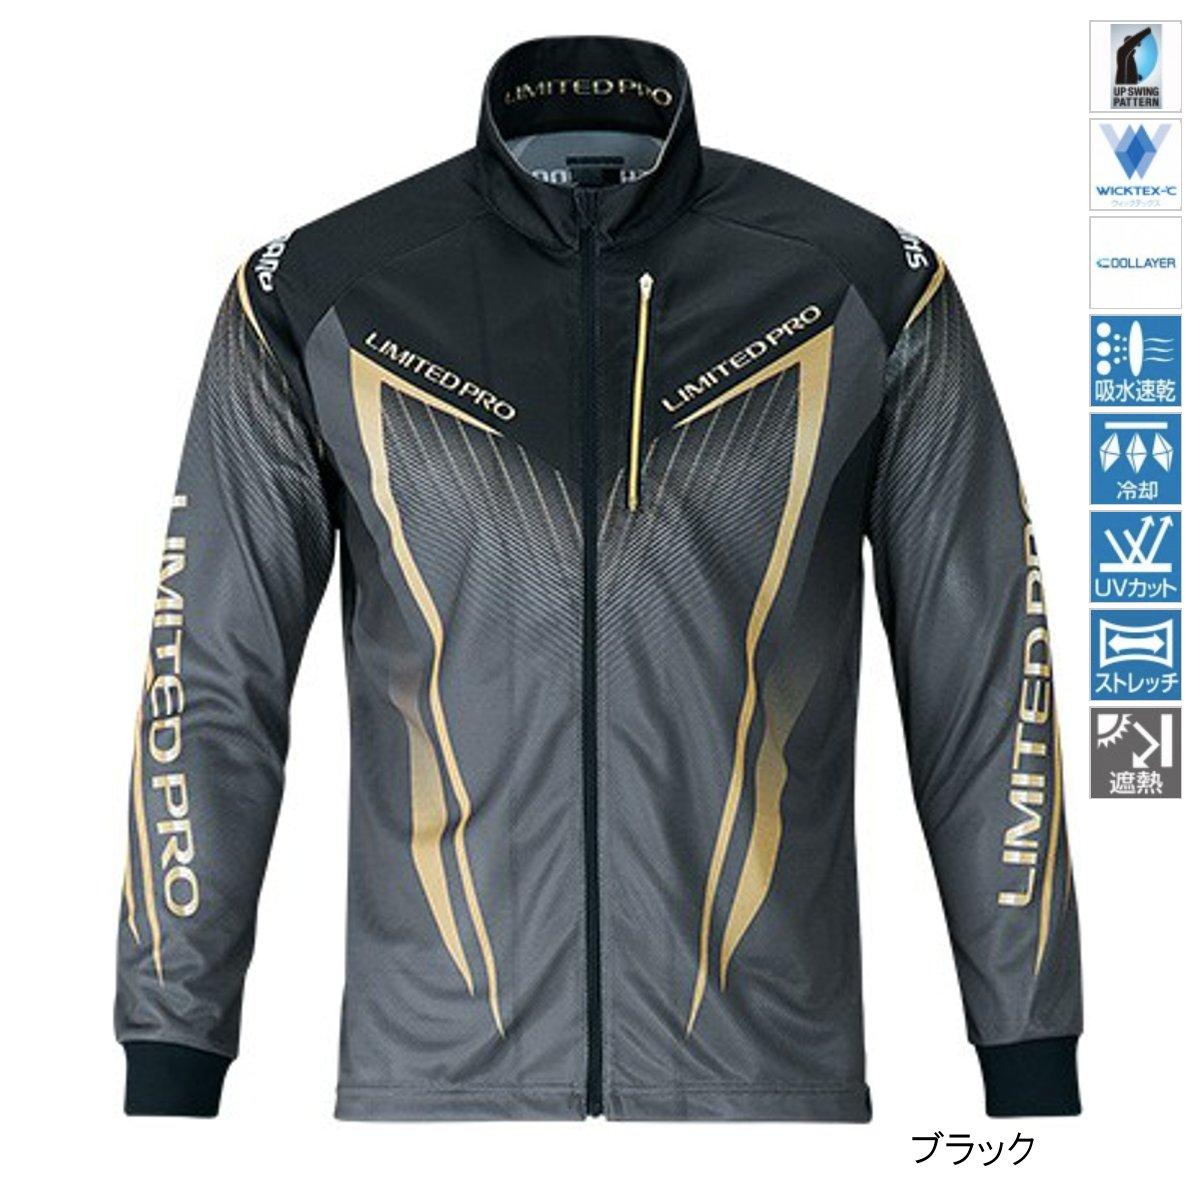 シマノ フルジップシャツLIMITED PRO(長袖) SH-011S L ブラック【送料無料】